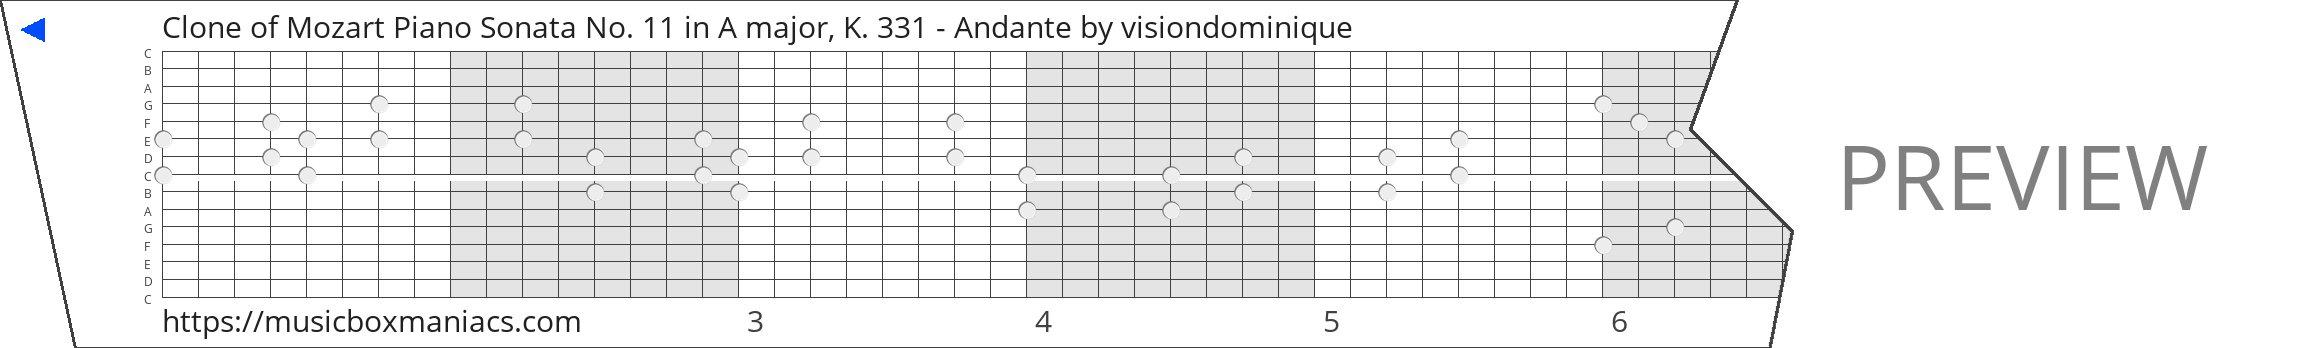 Clone of Mozart Piano Sonata No. 11 in A major, K. 331 - Andante 15 note music box paper strip